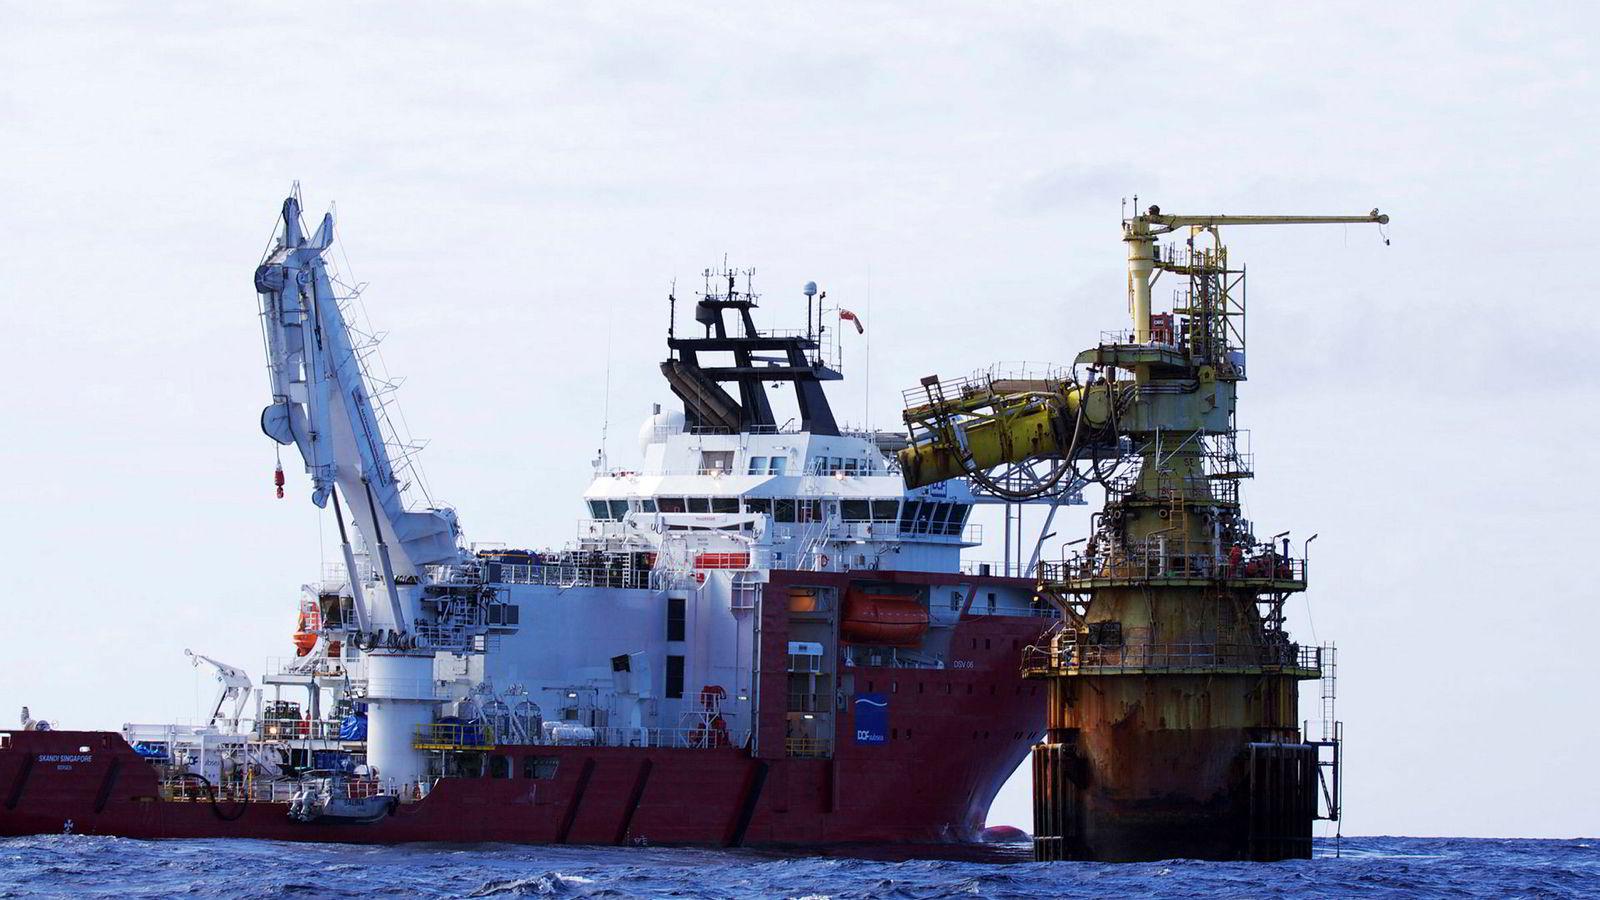 Dykker- og installasjonsfartøyet «Skandi Singapore» er på kontrakt i Stillehavet, uten at det har hjulpet på den økonomiske situasjonen til Dof.